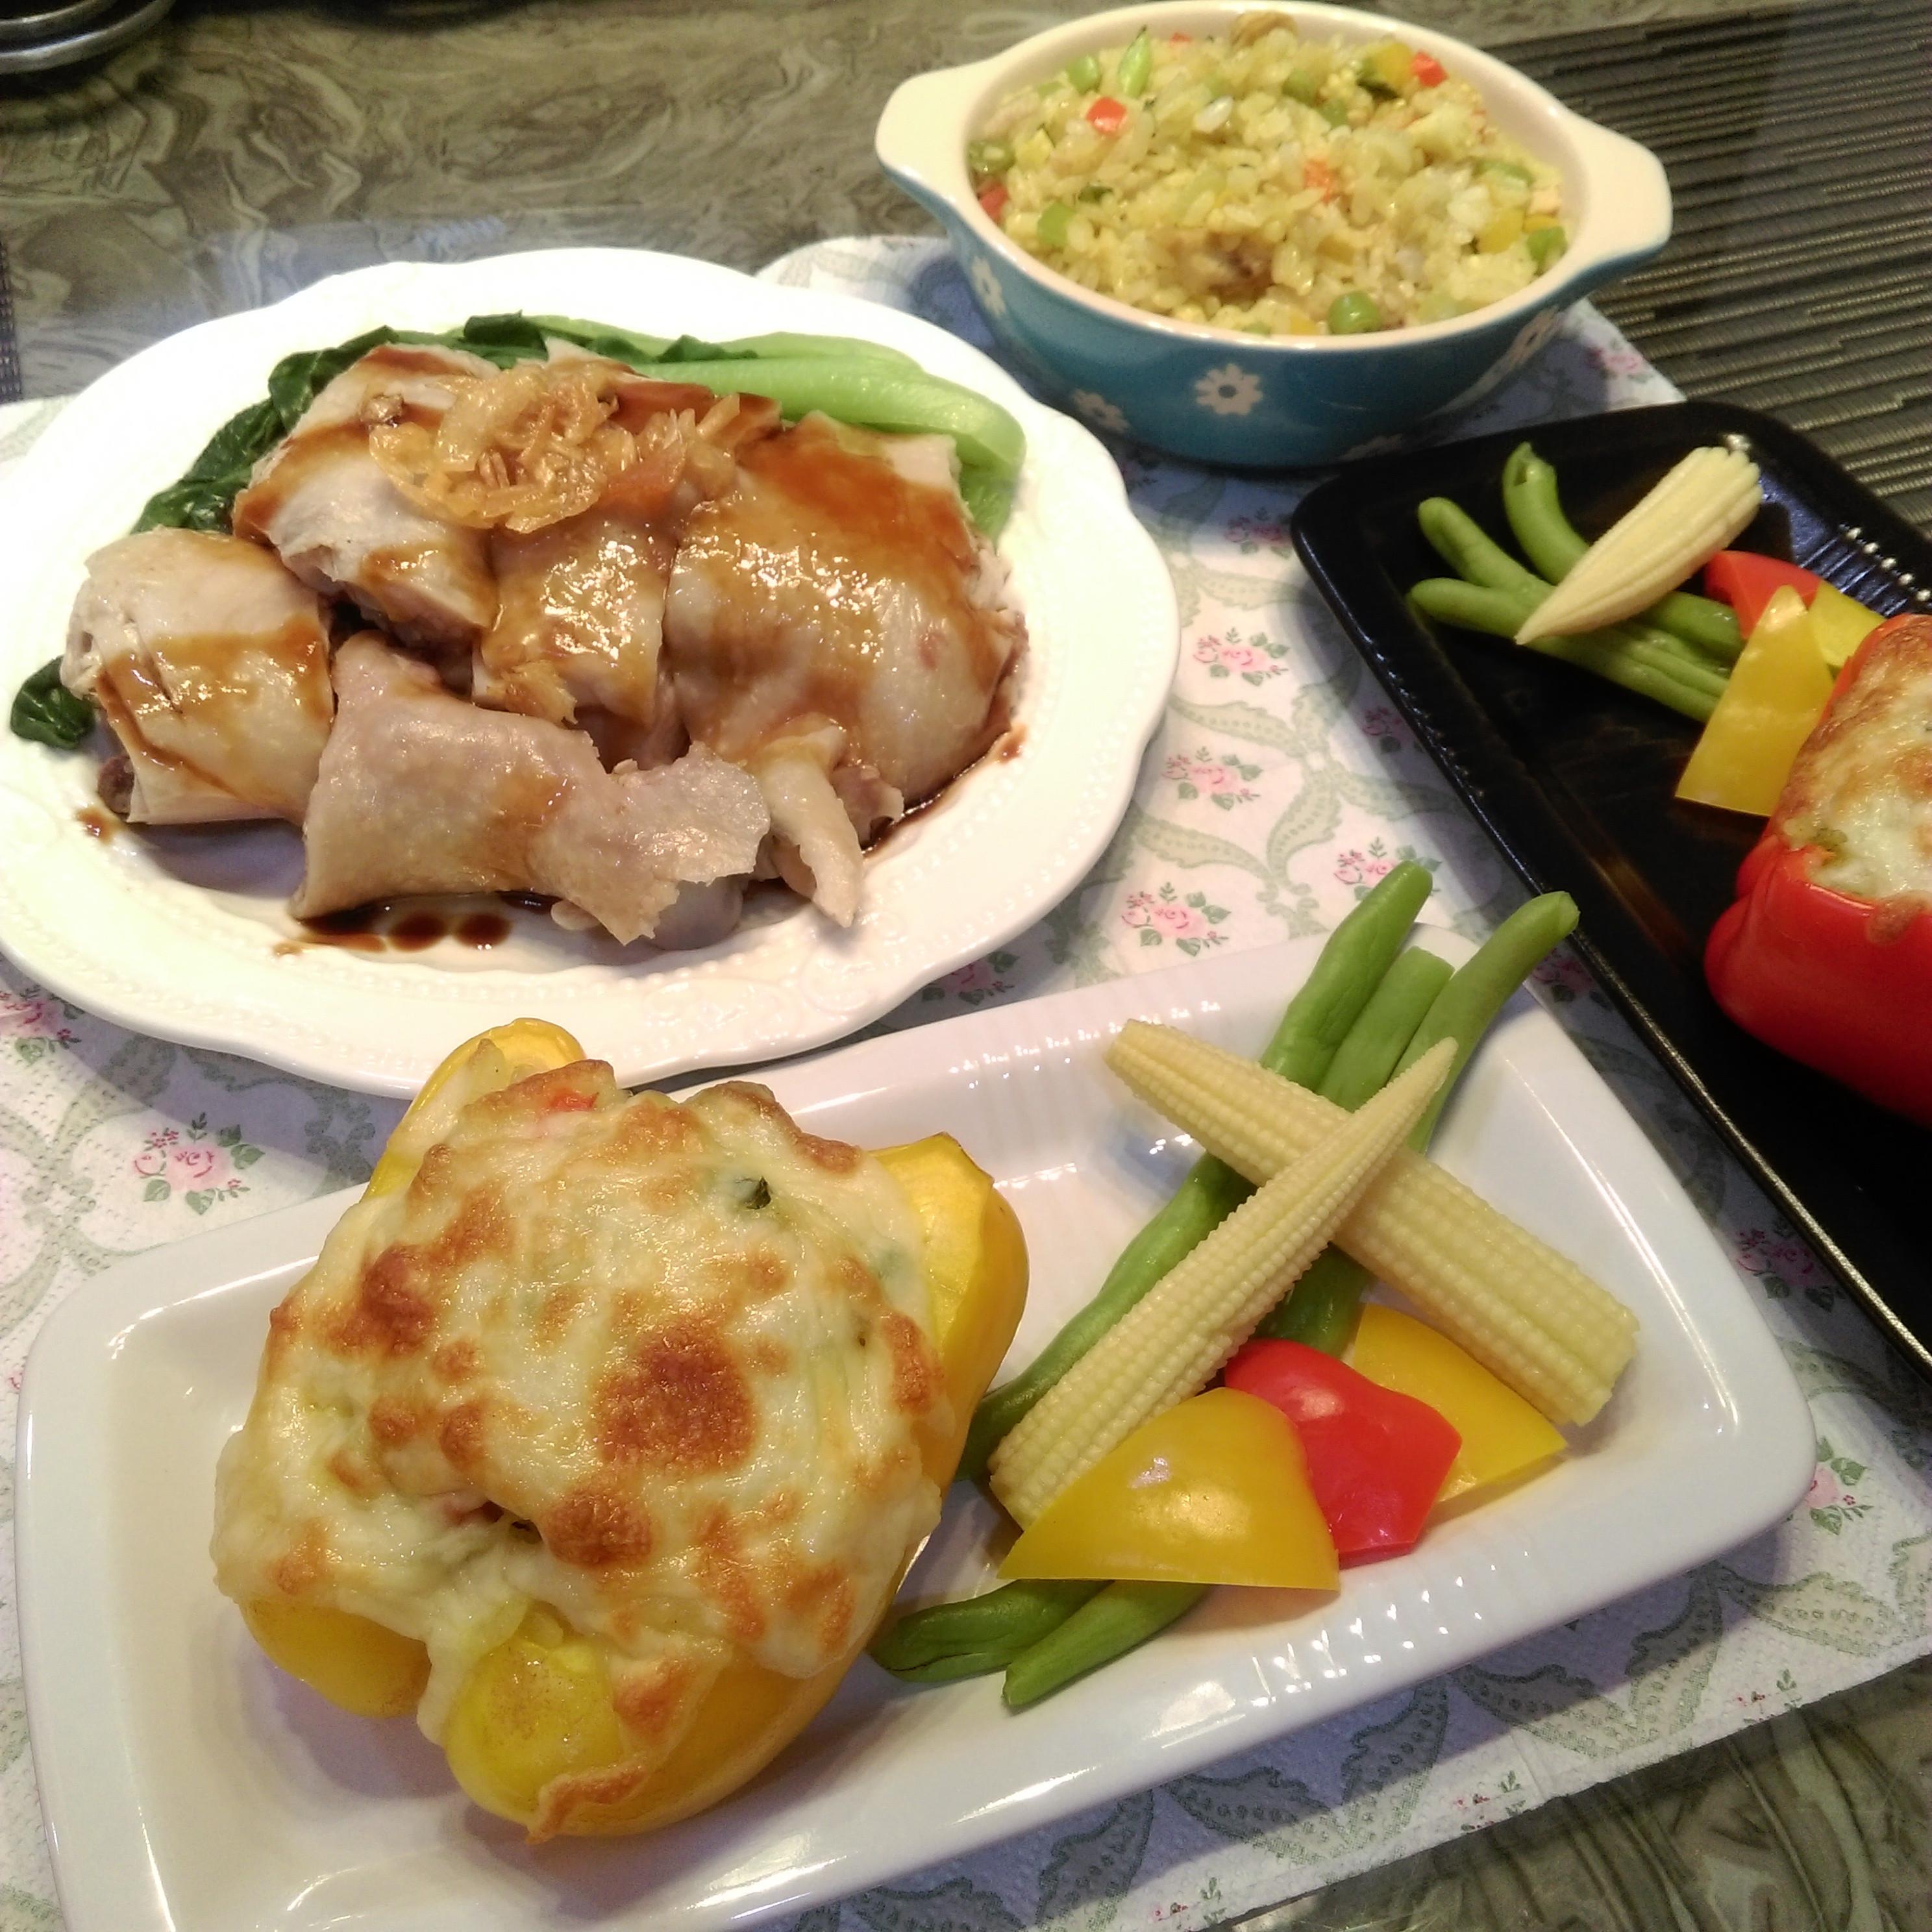 焗烤雞丁咖哩飯【桂丁土雞創意吃】